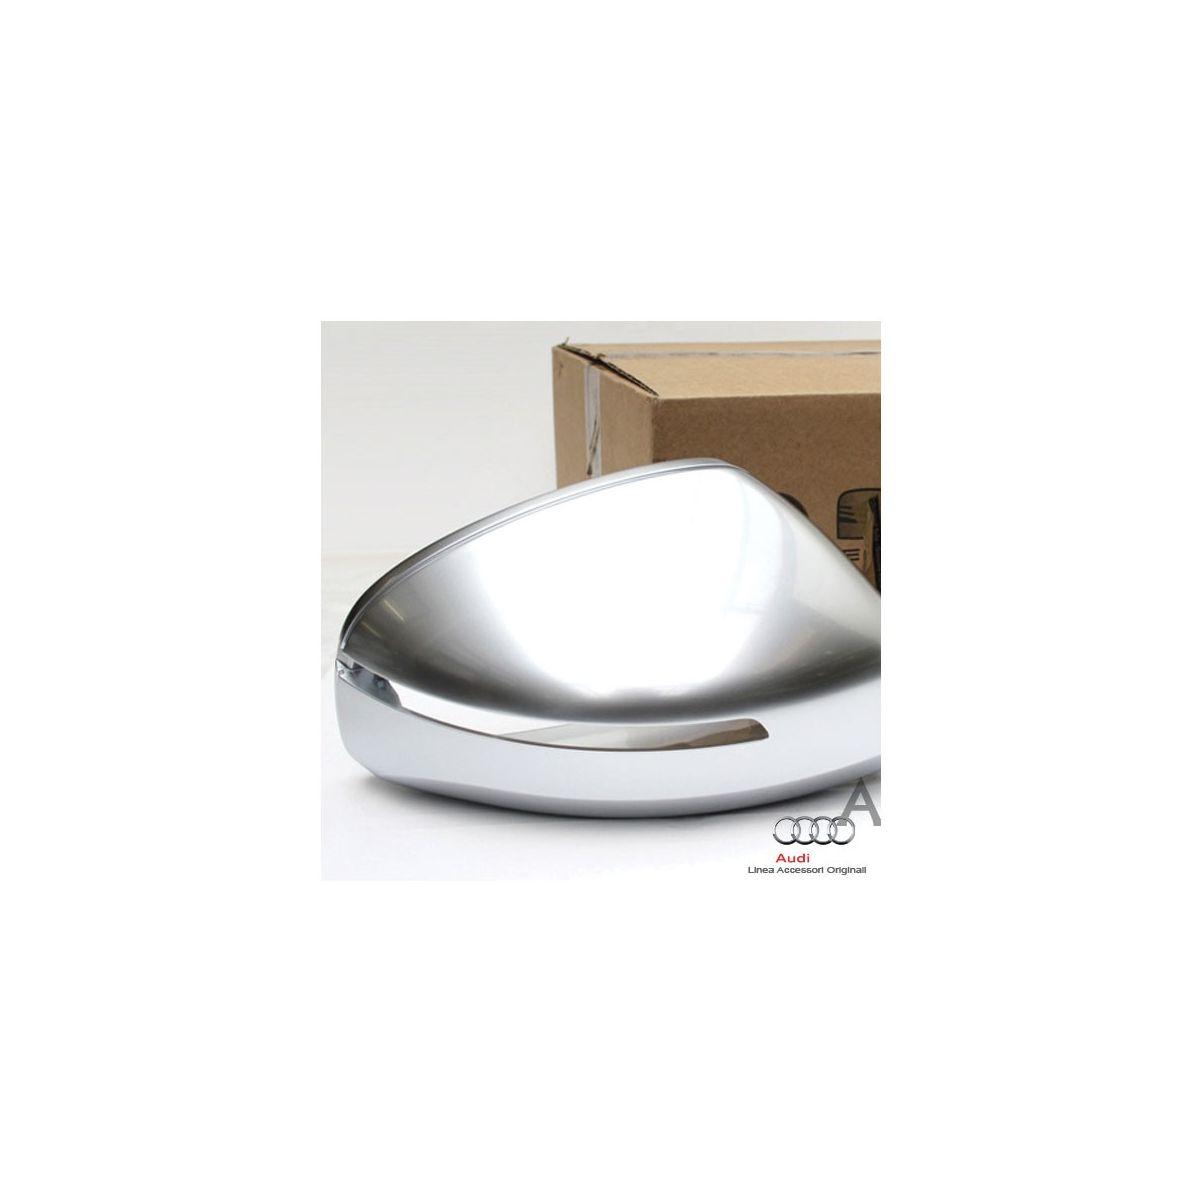 Rivestimento guscio specchio alluminio audi tt 8j r8 42 - Alluminio lucidato a specchio ...